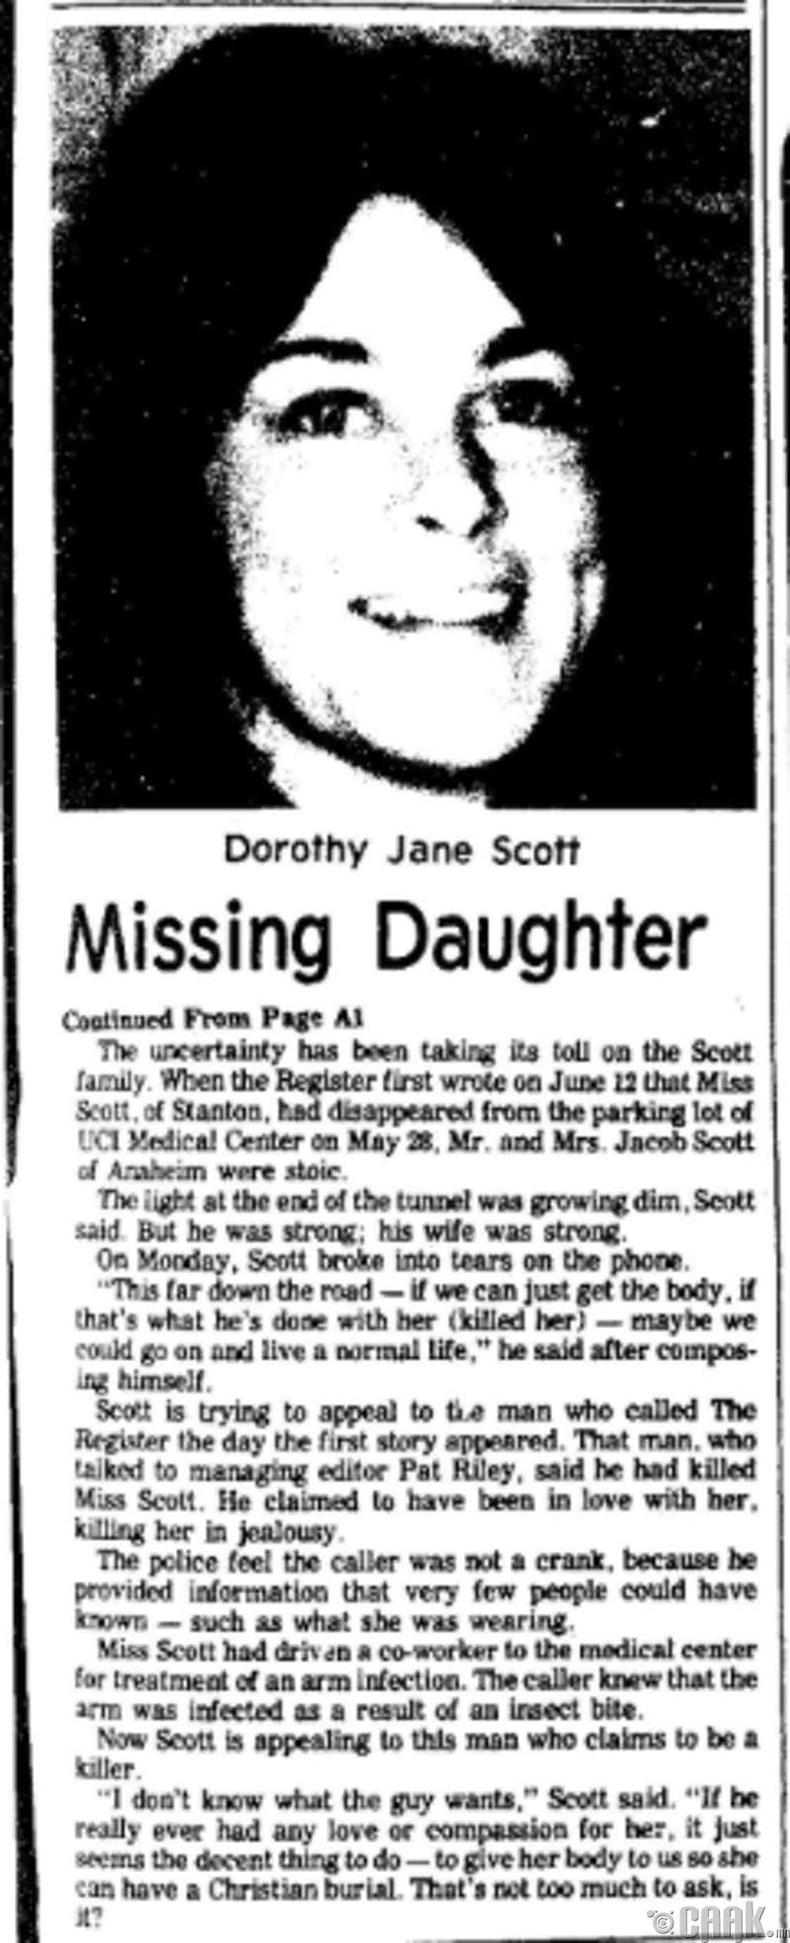 Дороти Жэйн Скотт (Dorothy Jane Scott)